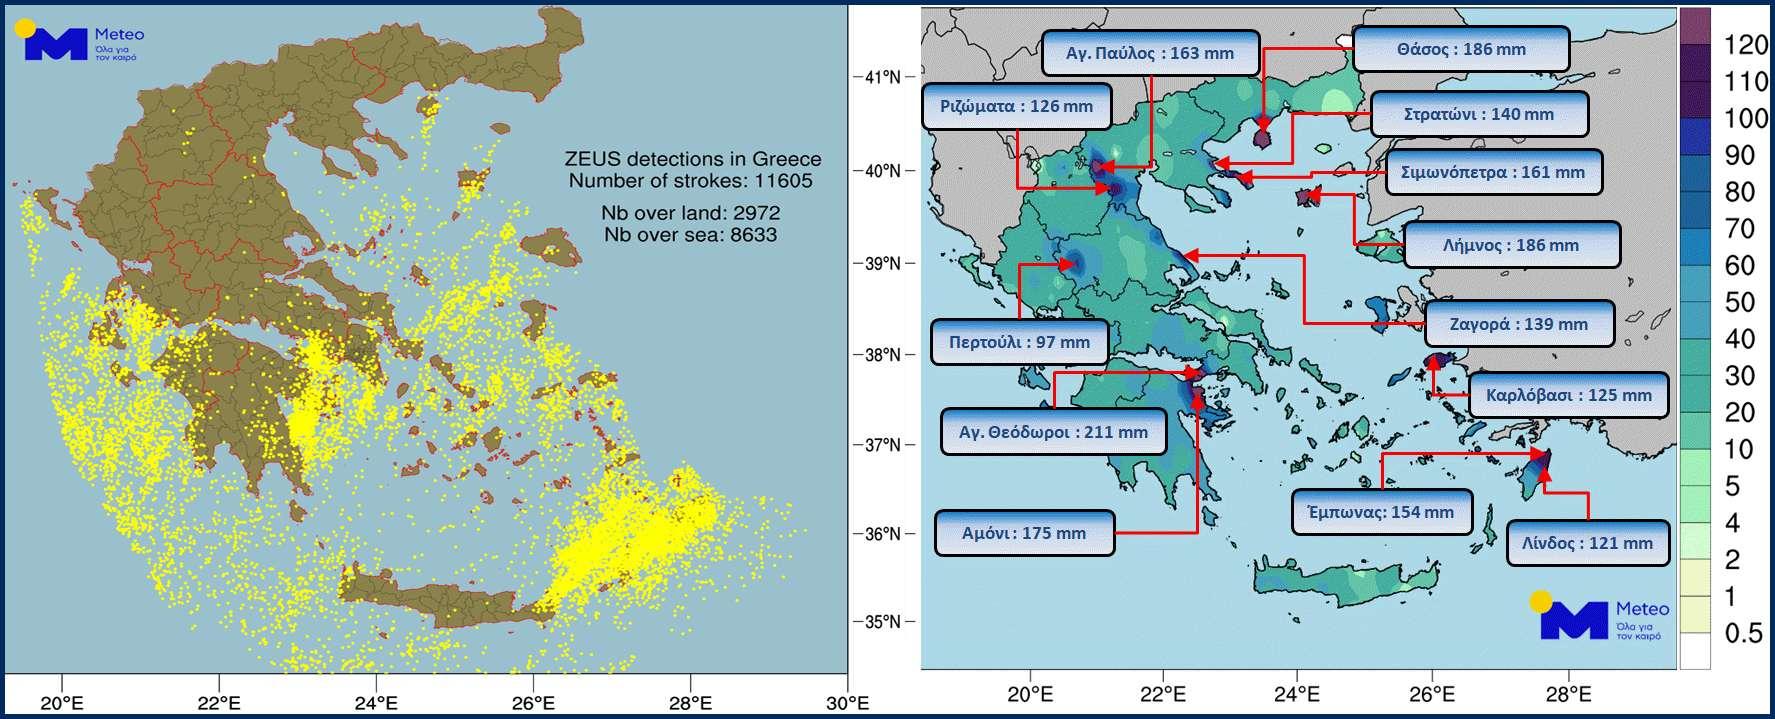 βροχής 211mm 11605 κεραυνοί από το «ΖΕΥΣ» του Εθνικού Αστεροσκοπείου Αθηνών 3ήμερο 24 26 Νοε 2019